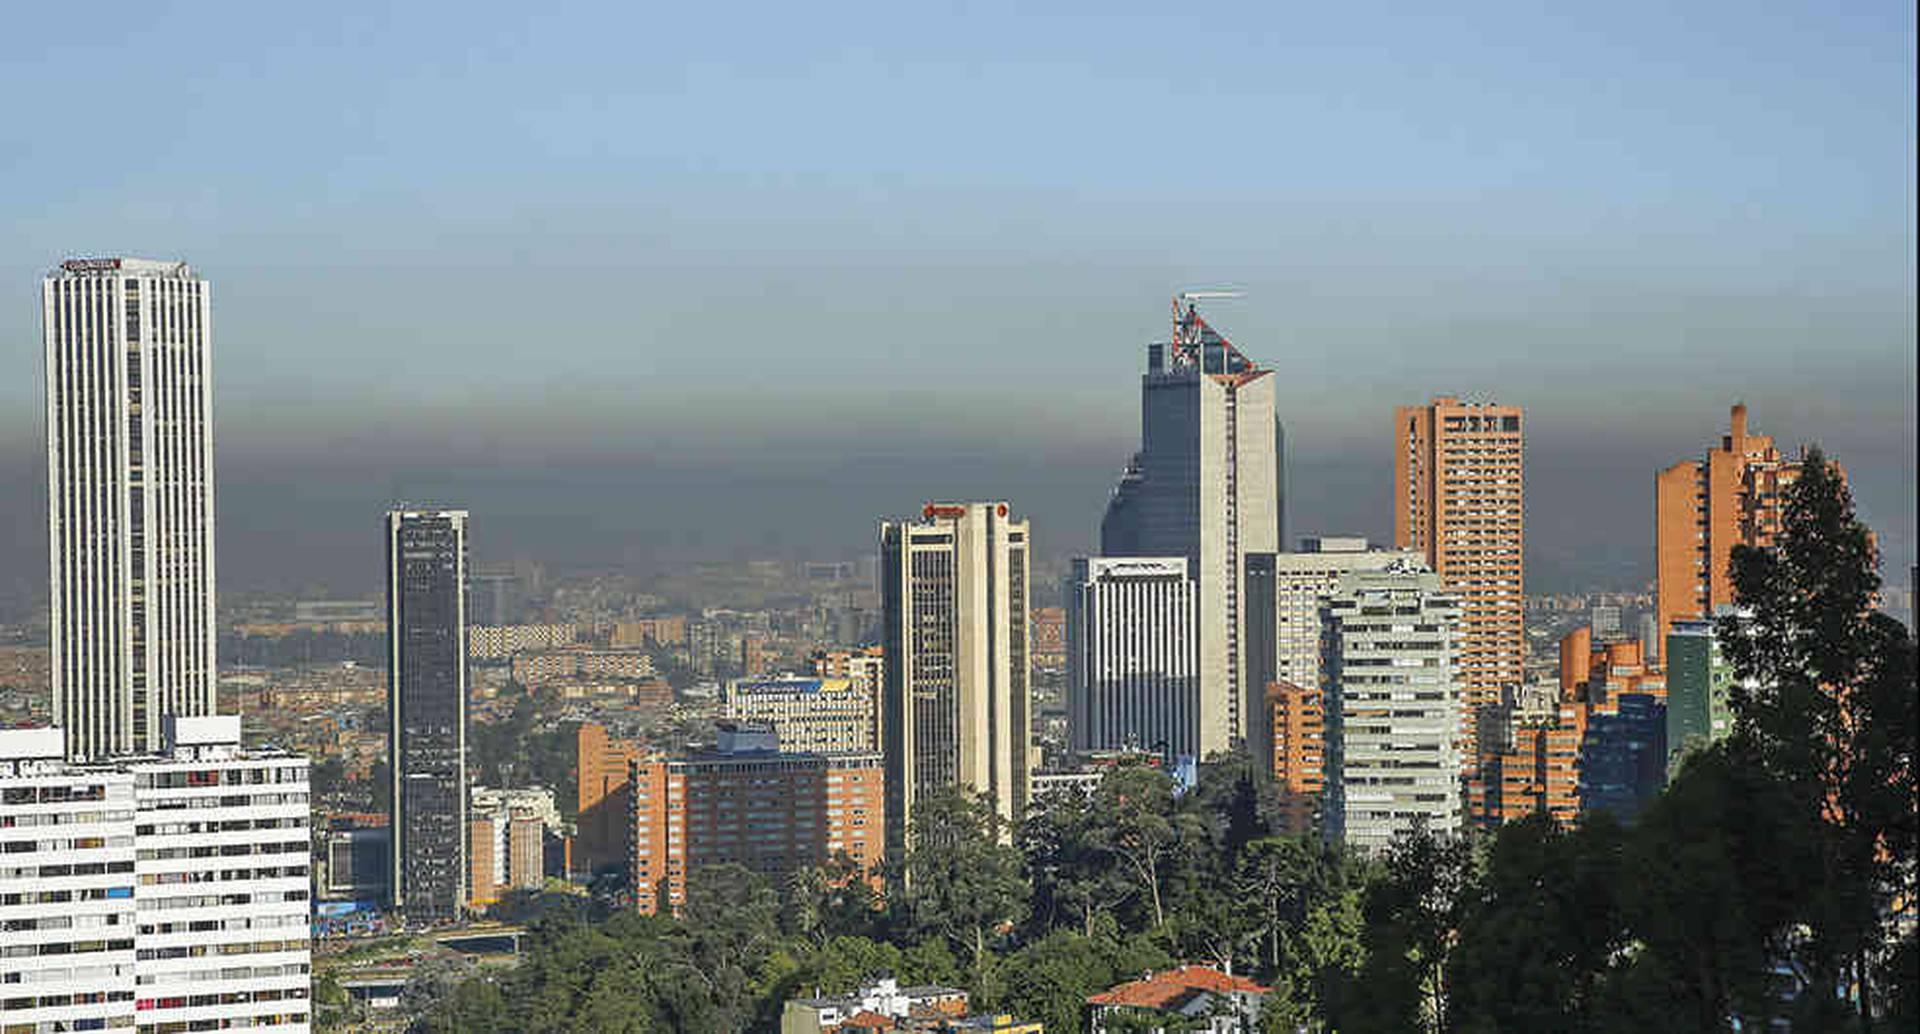 En alerta amarilla por mala calidad del aire continúan ciudades como Bogotá y Medellín. Foto: archivo particular.